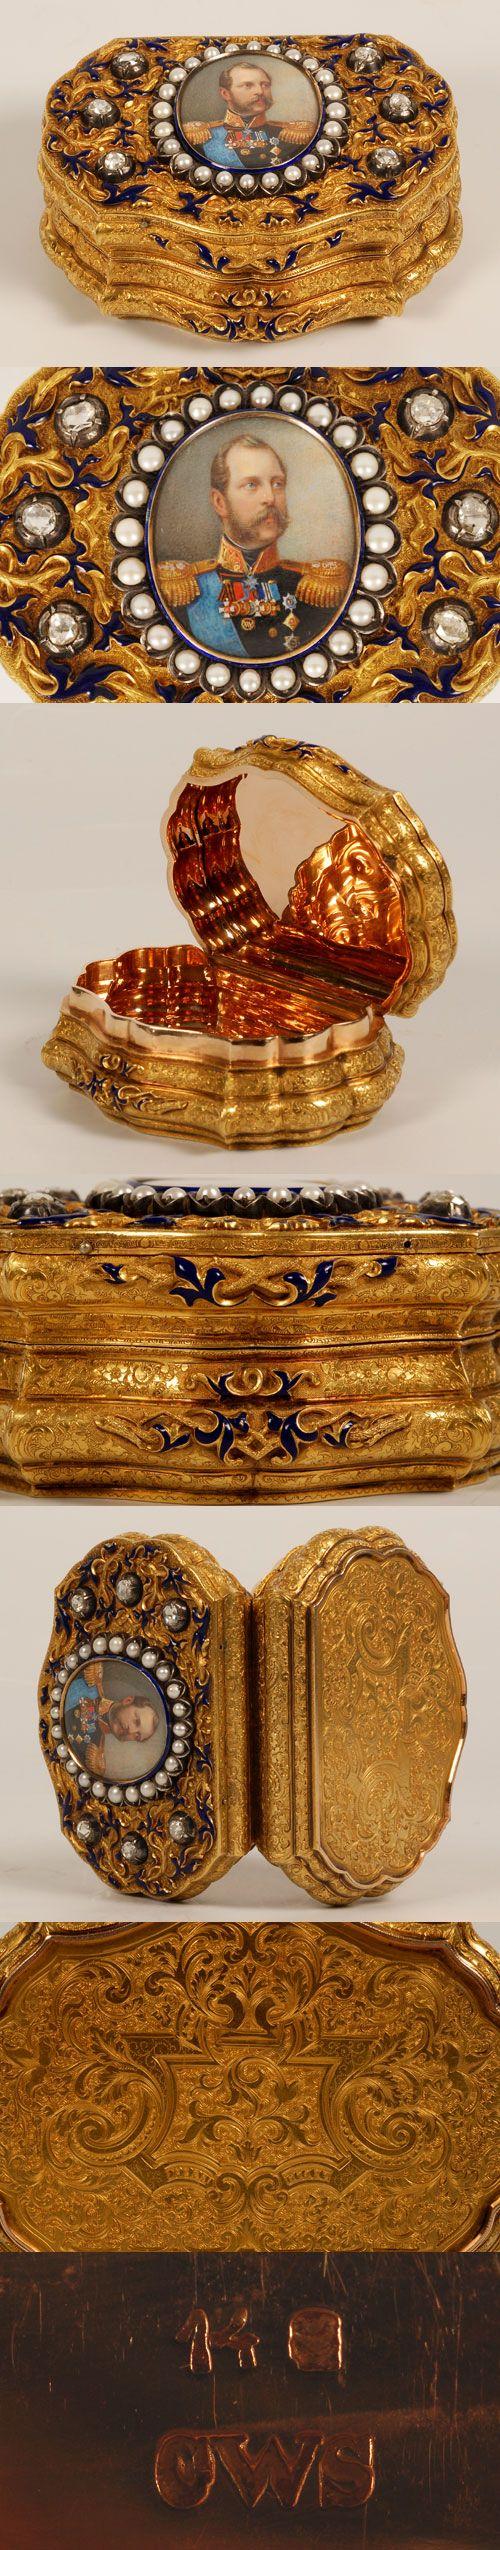 Caja de tabaco de oro y esmalte . Enjoyada, C. Weishaupt und Söhne, Hanau, circa 1860,